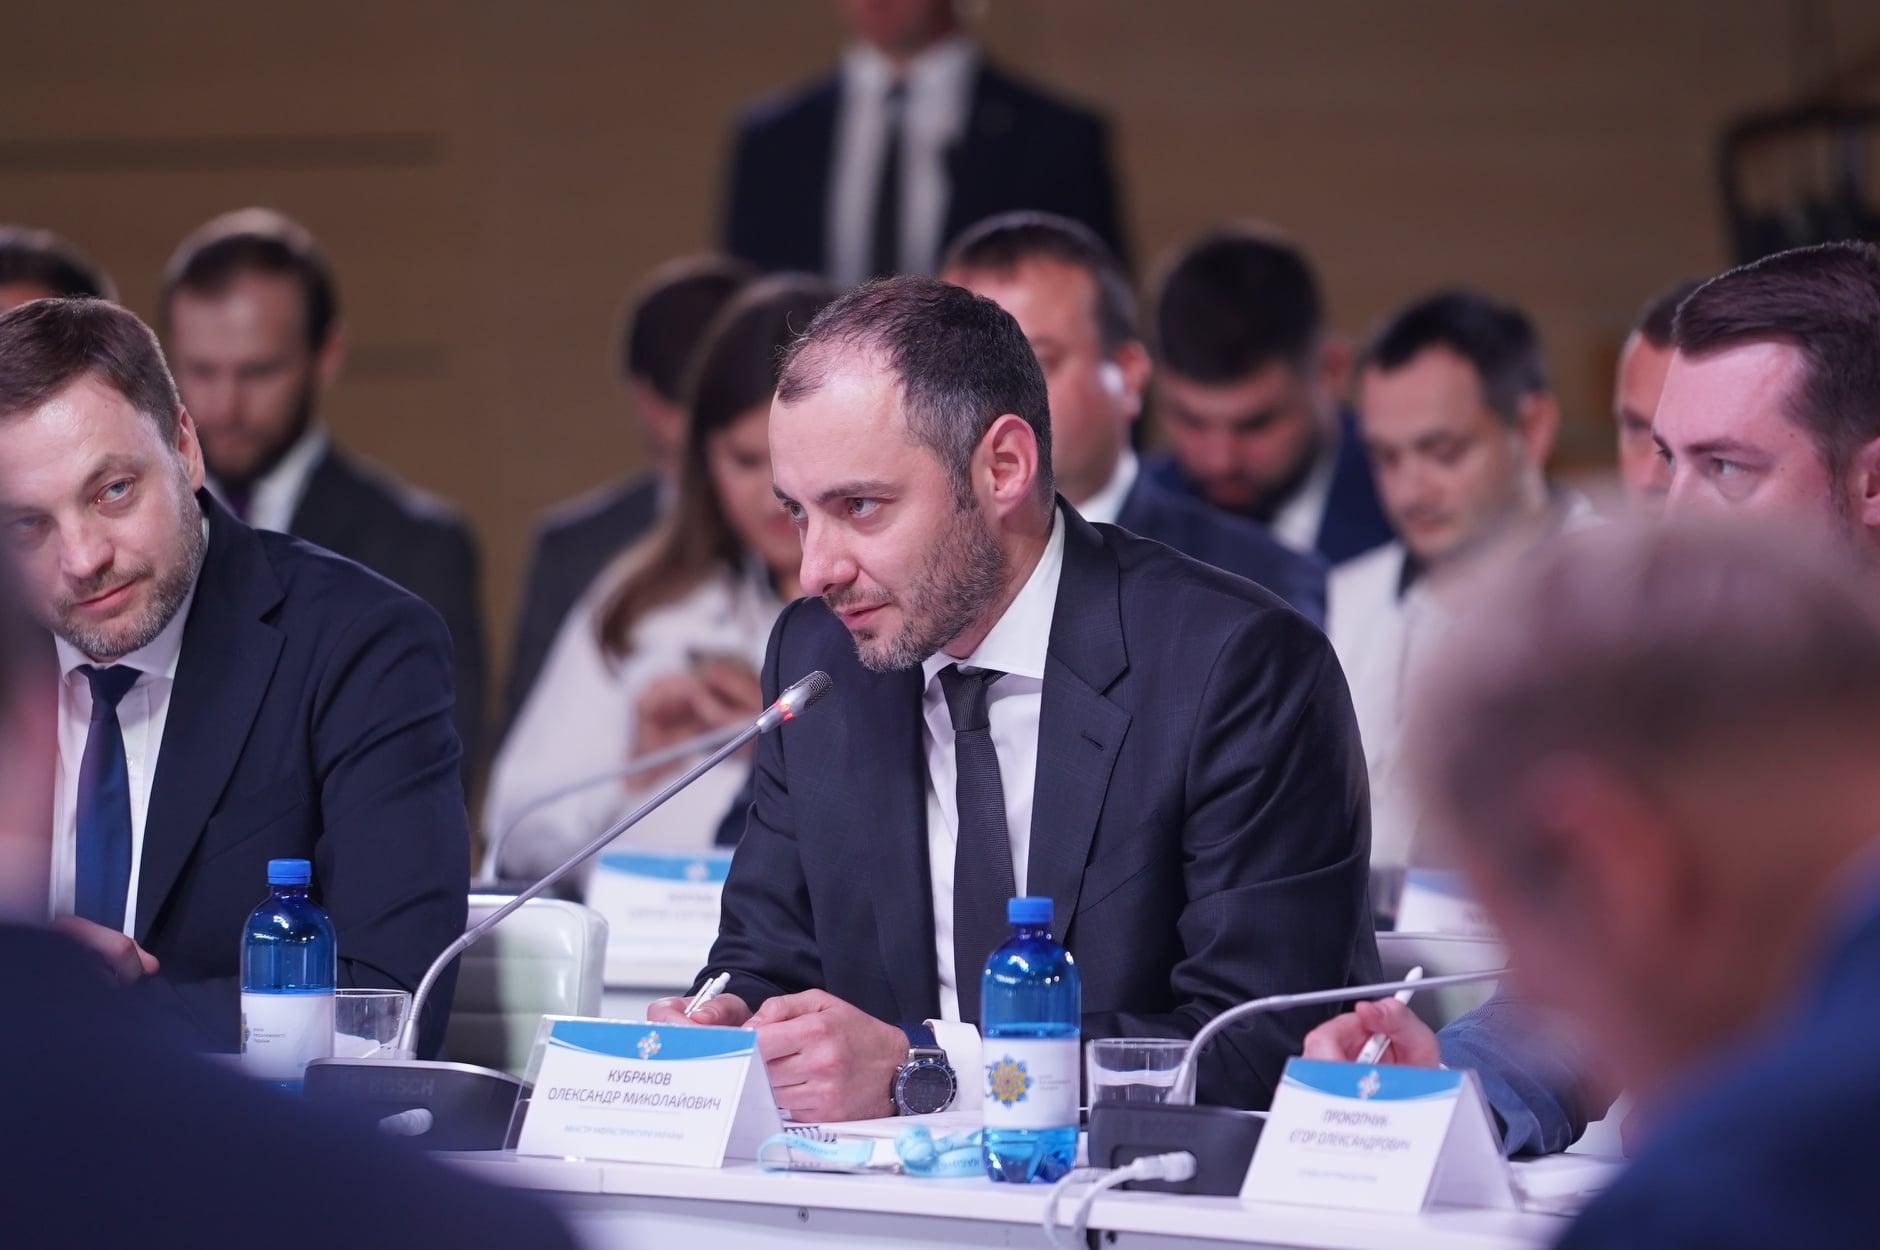 Українським портам хочуть знизити норму відрахувань до бюджету до 30%